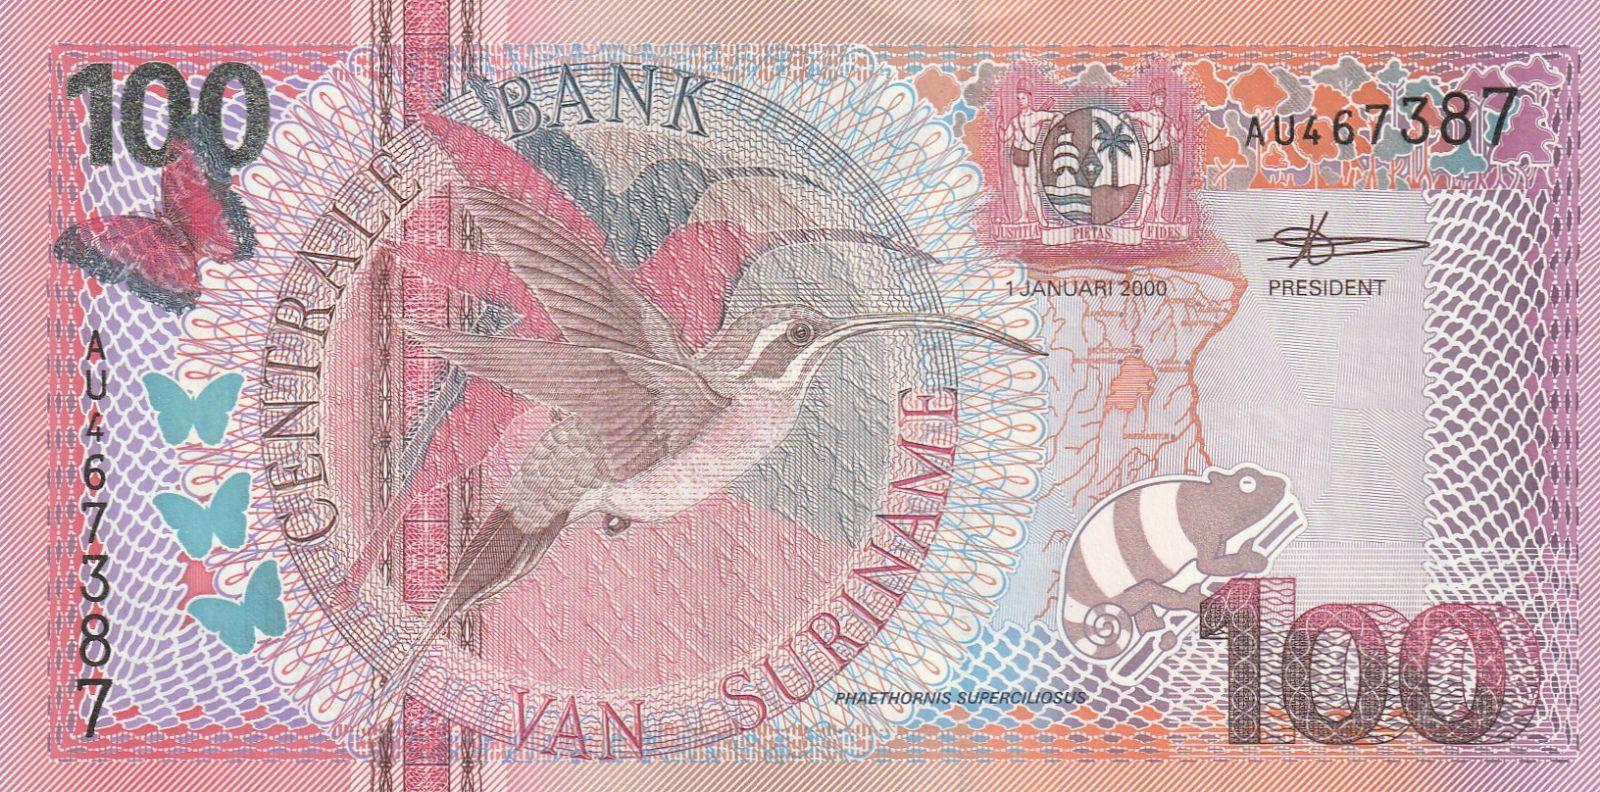 100 Gulden, Surinam, 2000